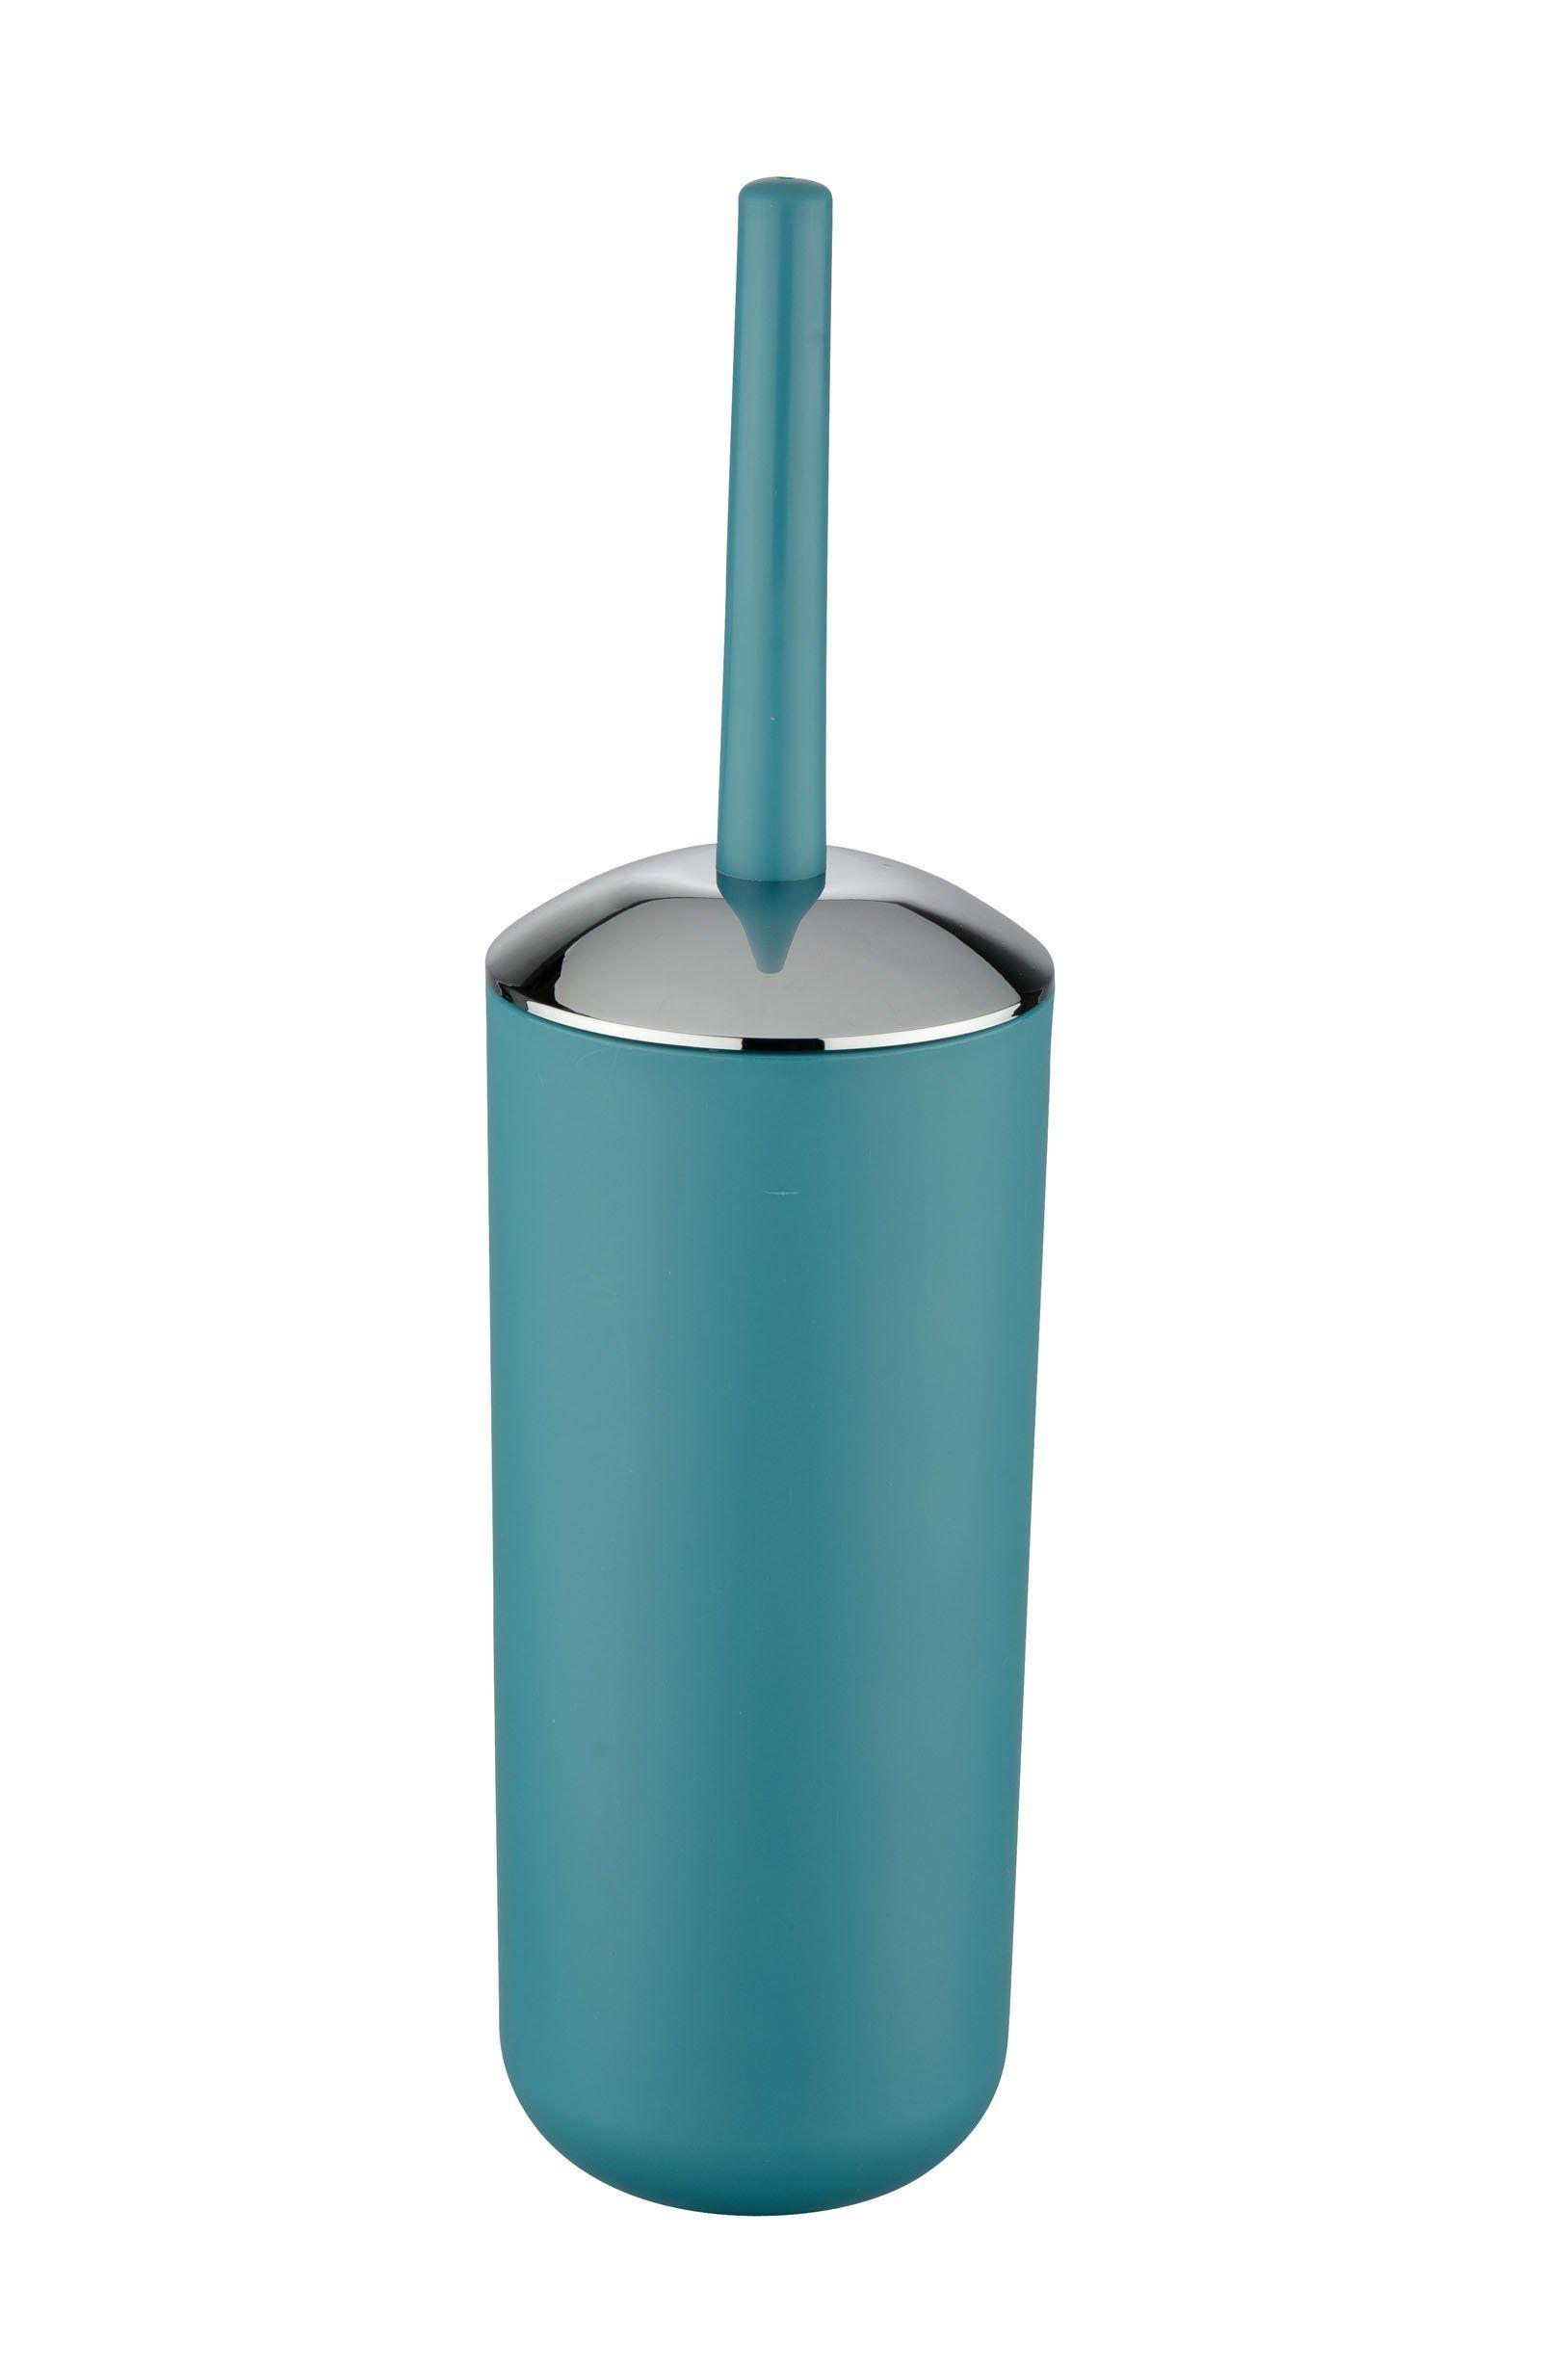 Wenko 21225100 Wc Garnitur Brasil Absolut Bruchsicher Thermoplastischer Kunststoff Tpe 10 X 37 X 10 Cm Petrol Amazon De Kuche Haushalt